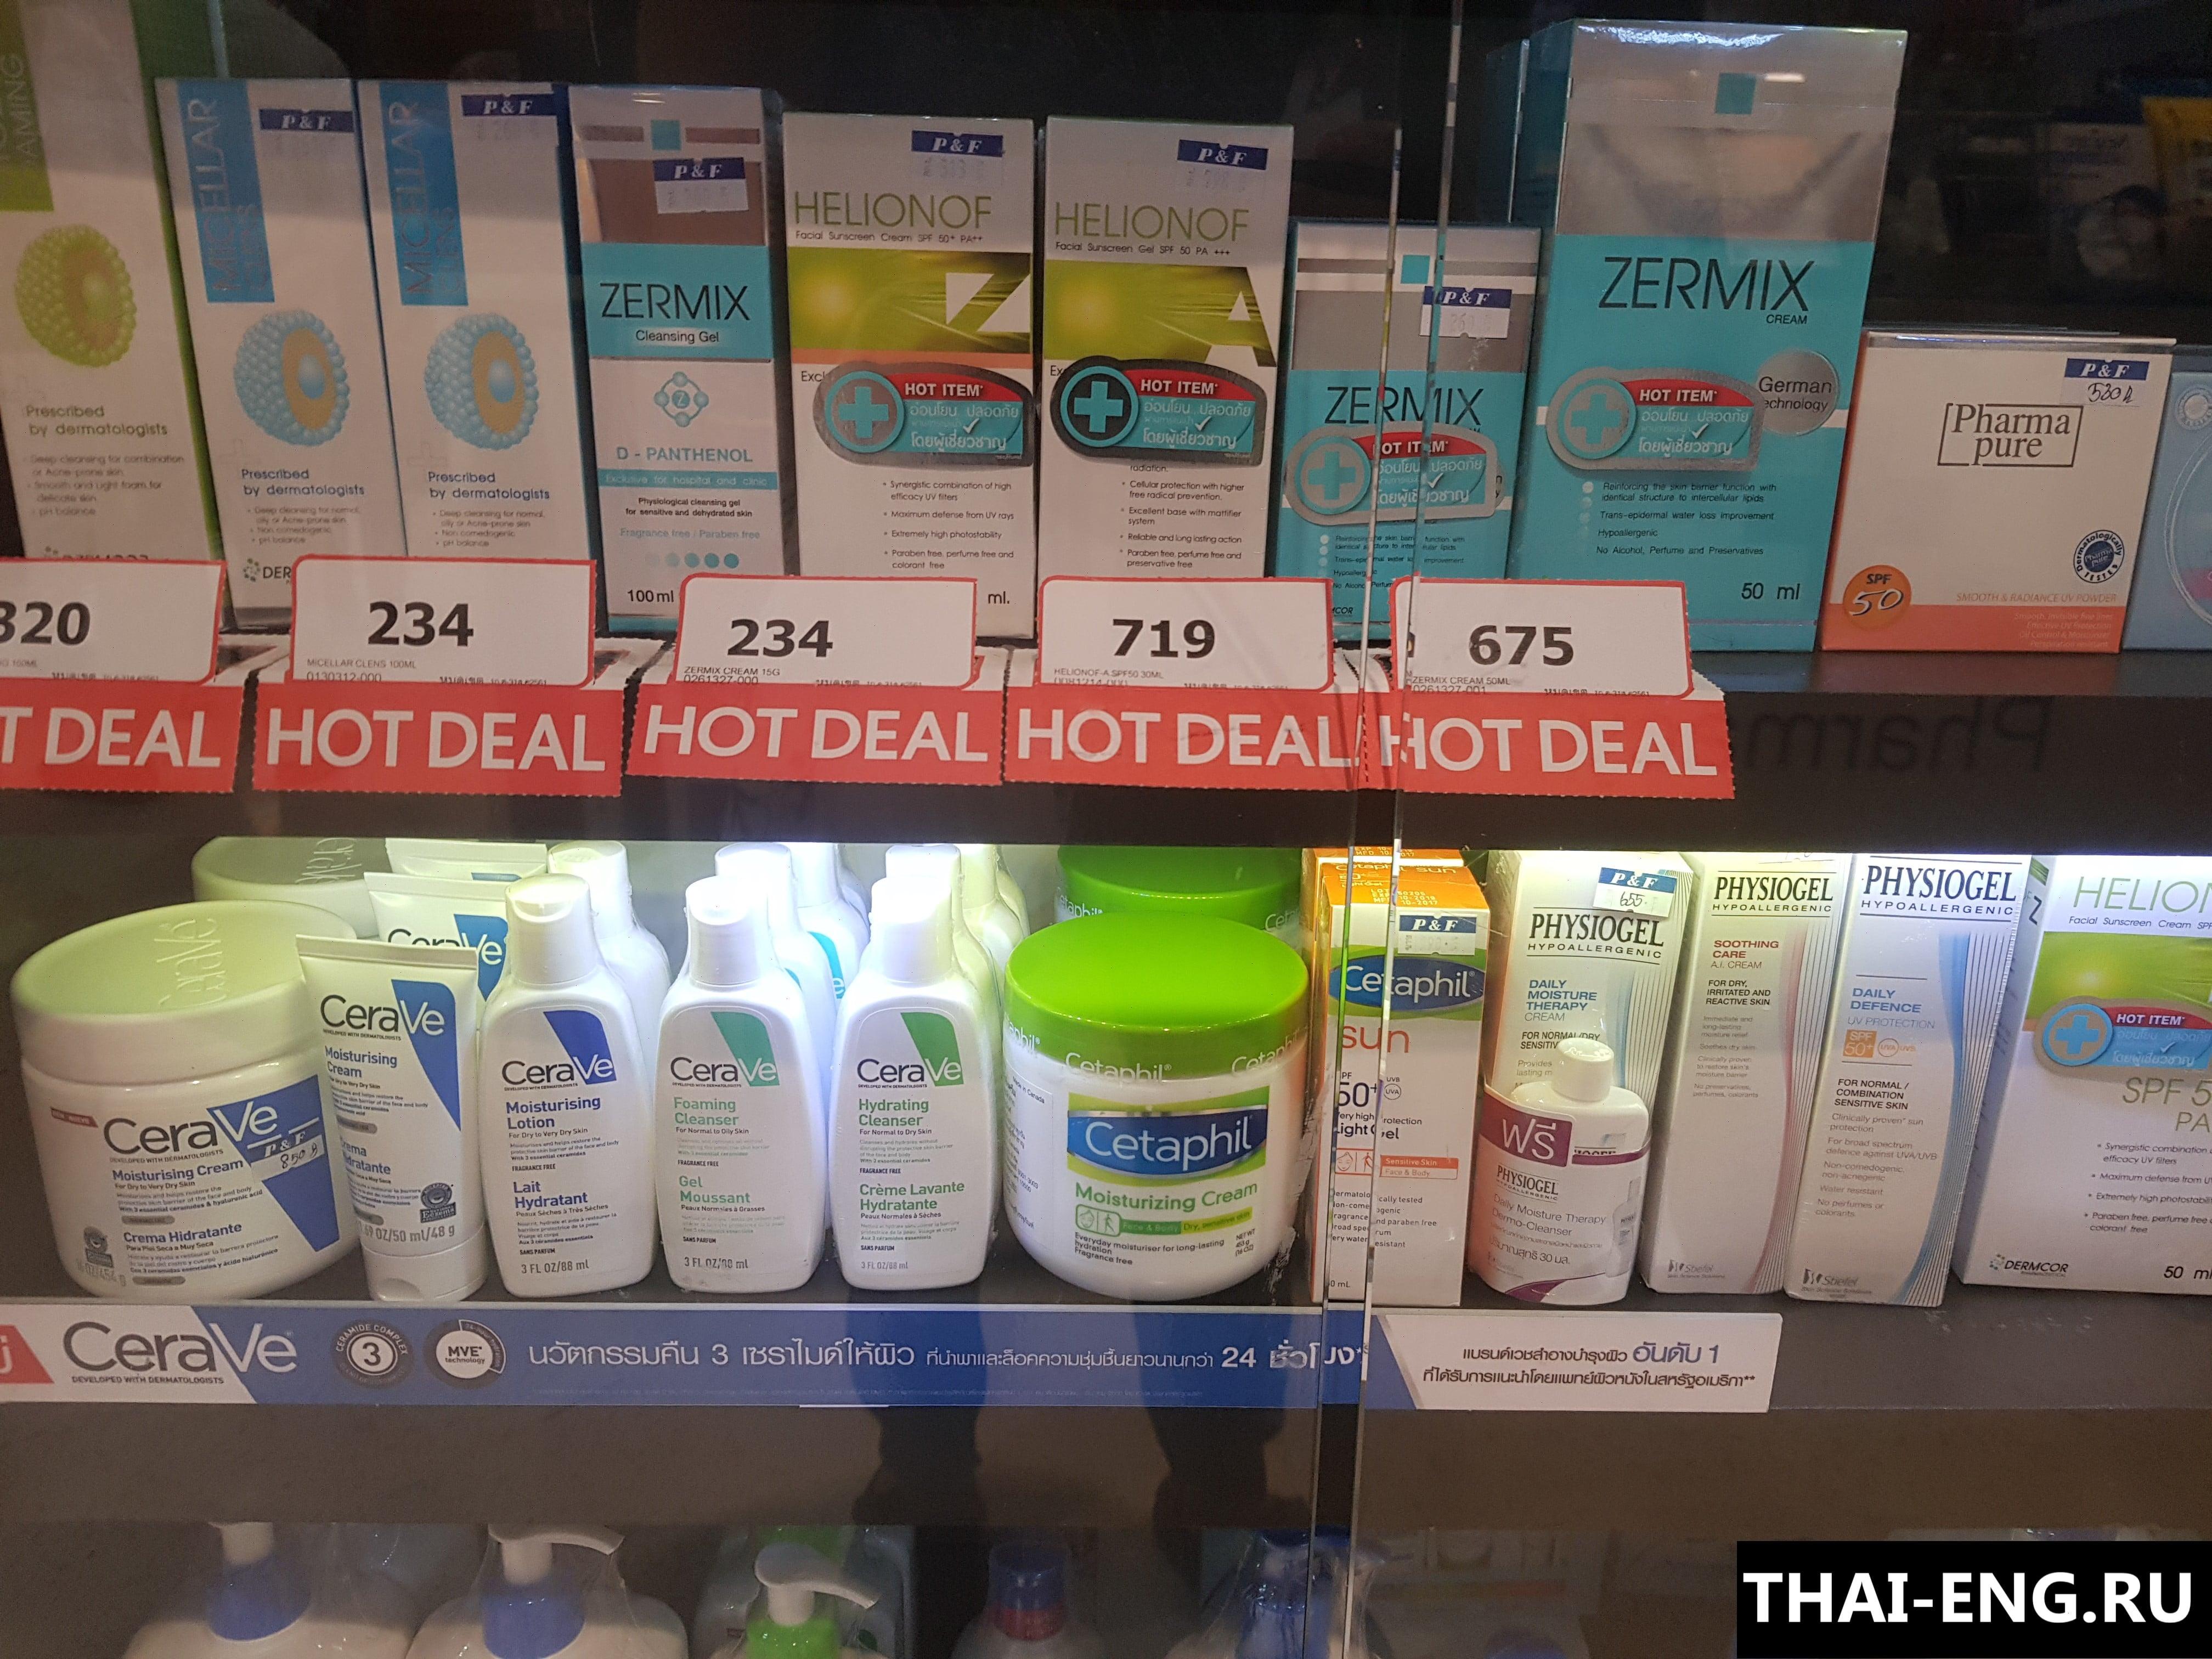 Импорт медицинских препаратов в Таиланд